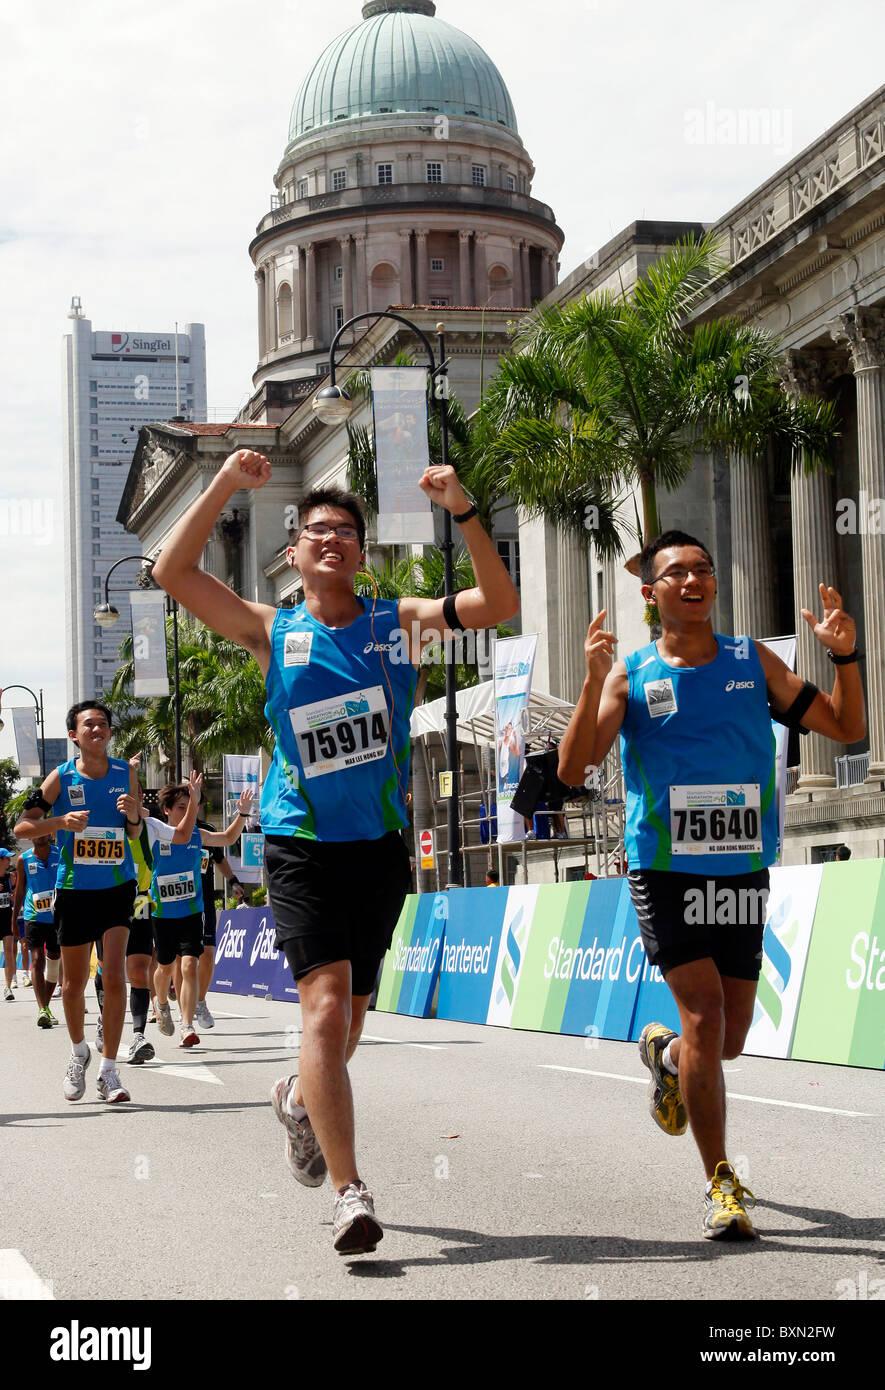 Coureurs au Marathon de Singapour 2010, Cour Suprême et l'Hôtel de ville en arrière-plan. Photo Stock